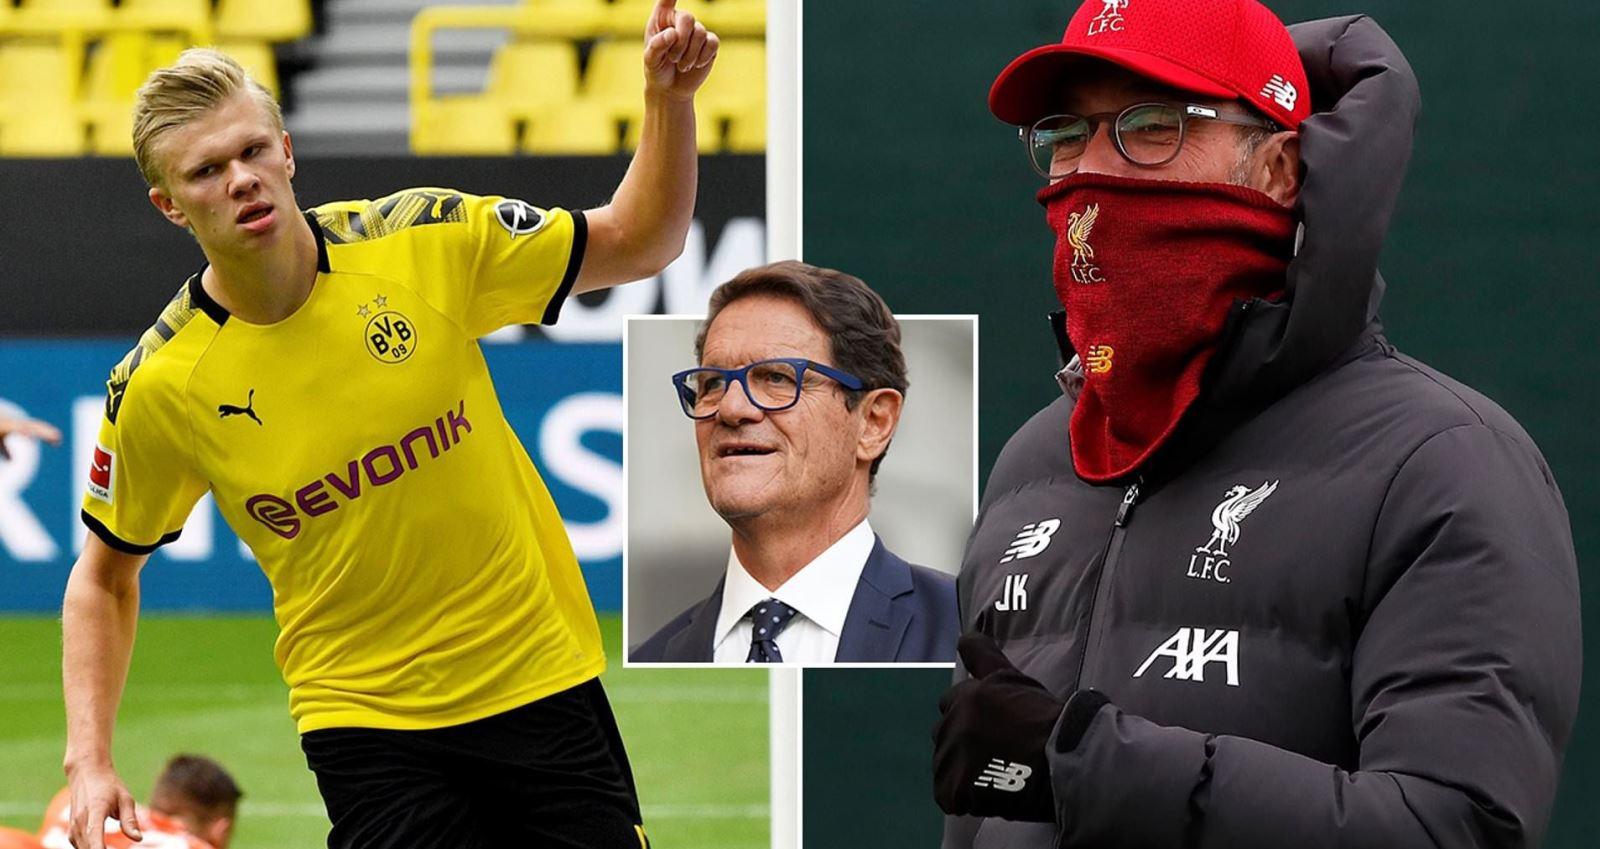 AFF Cup, bóng đá, bong da hom nay, bong da, aff cup, việt nam, thái lan, MU, manchester united, messi, ronaldo, ronaldo béo